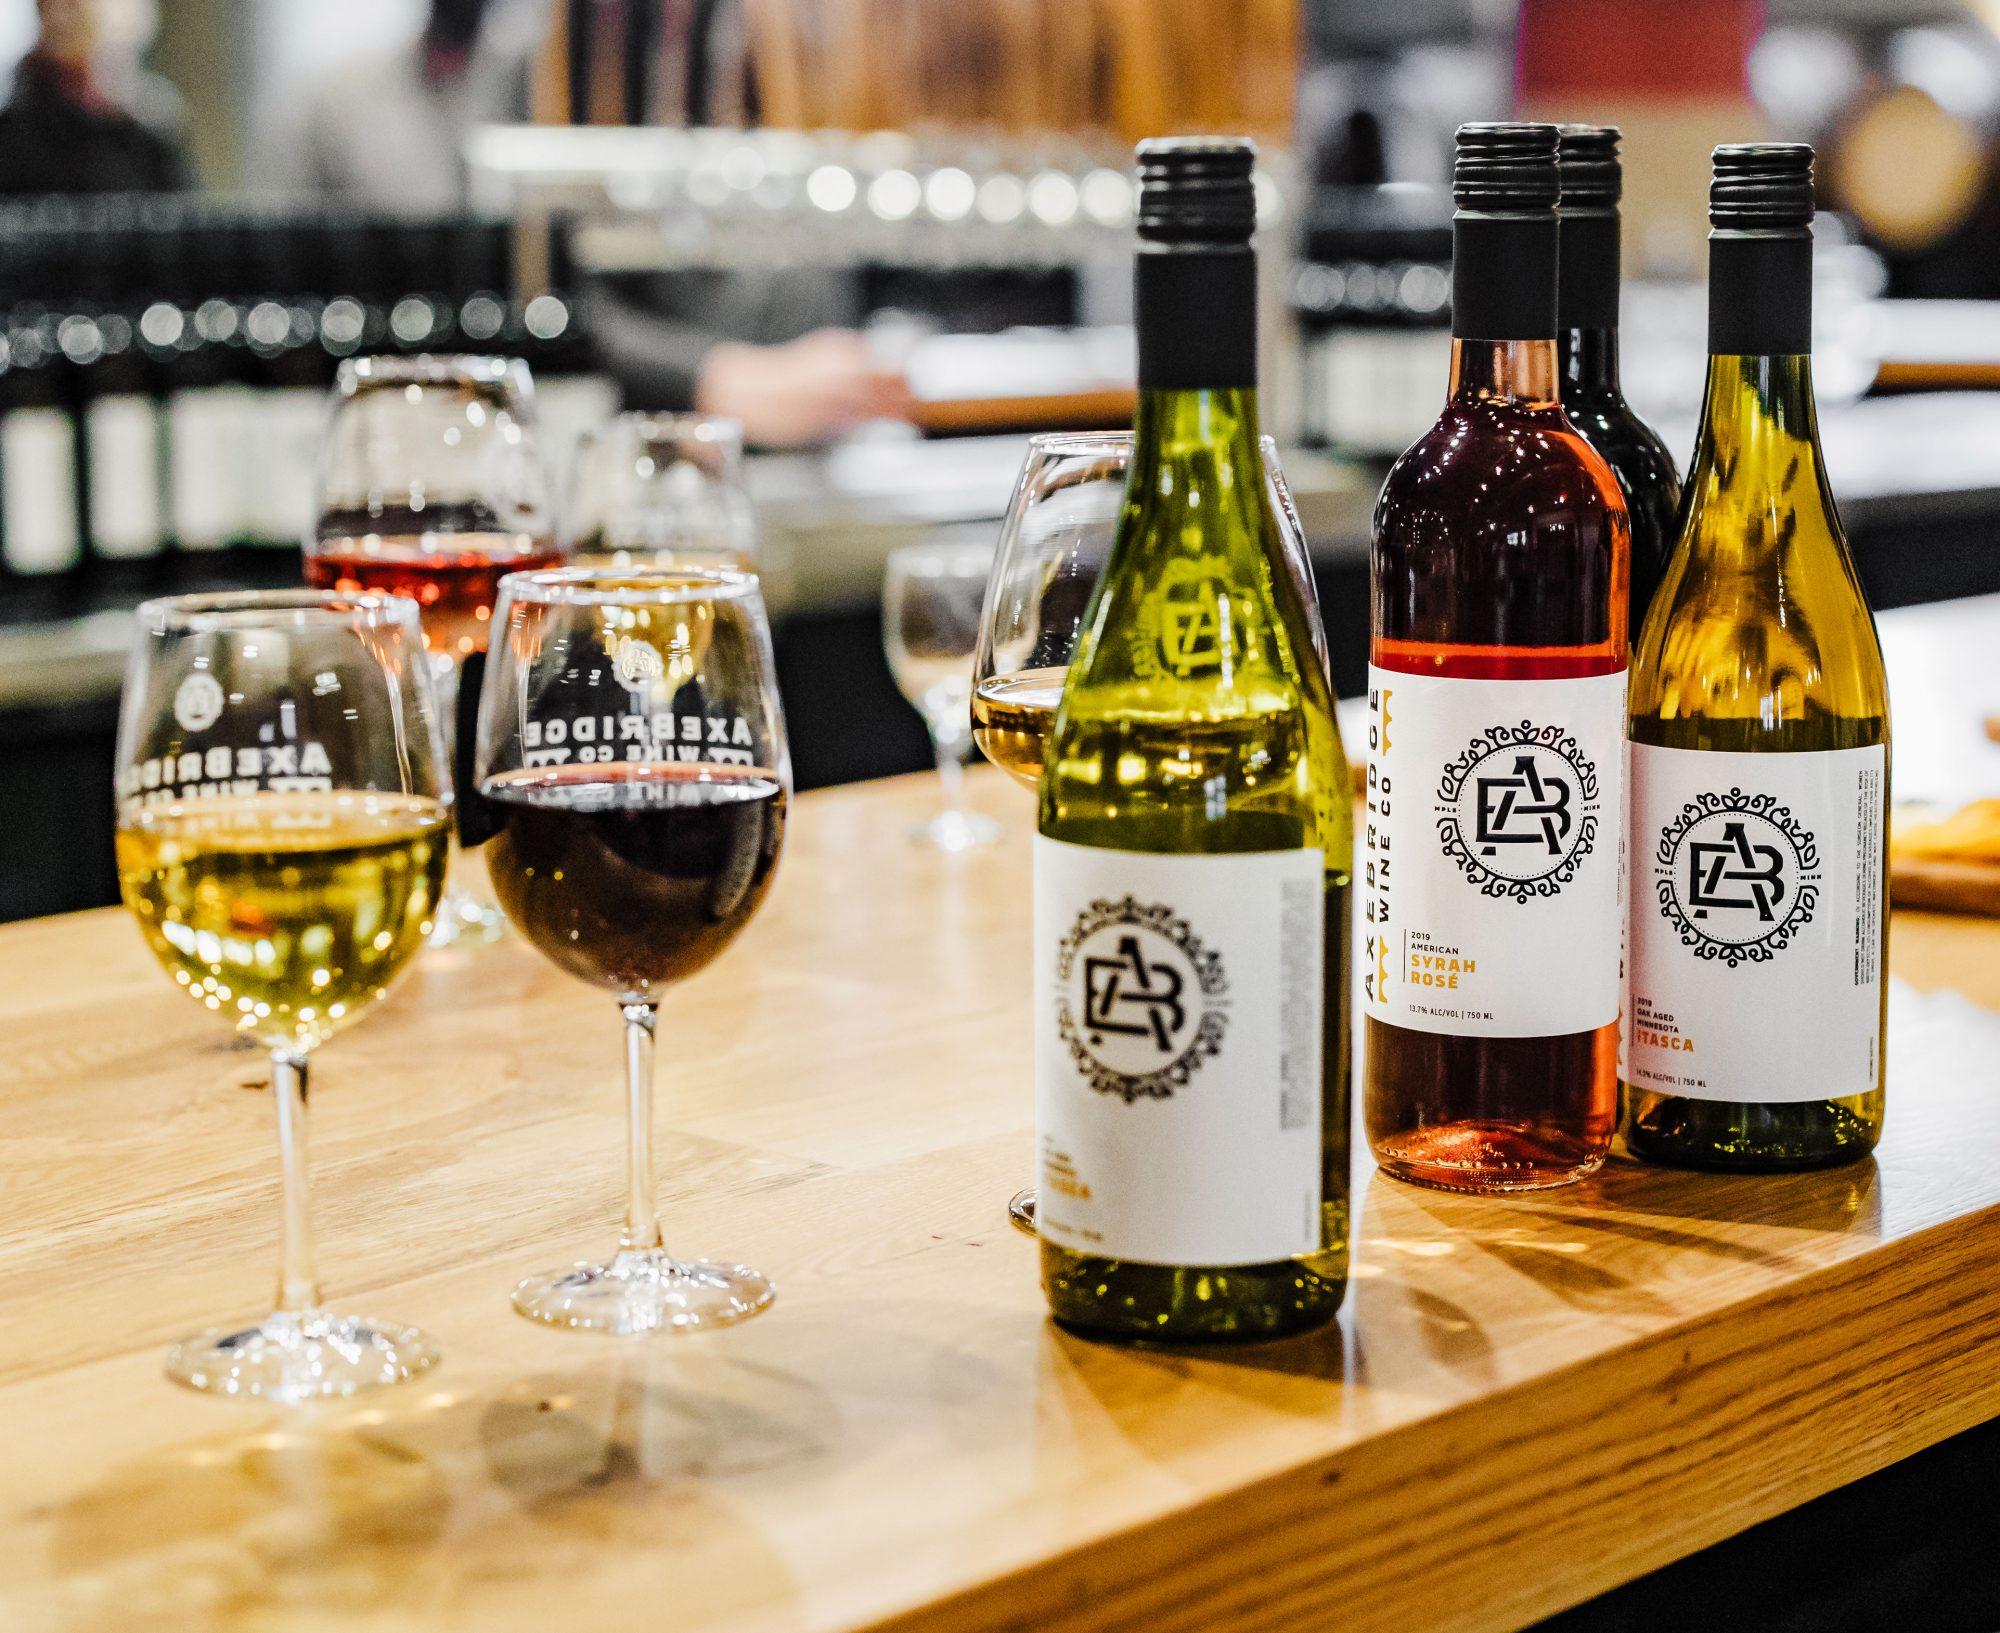 Axebridge Wine Company